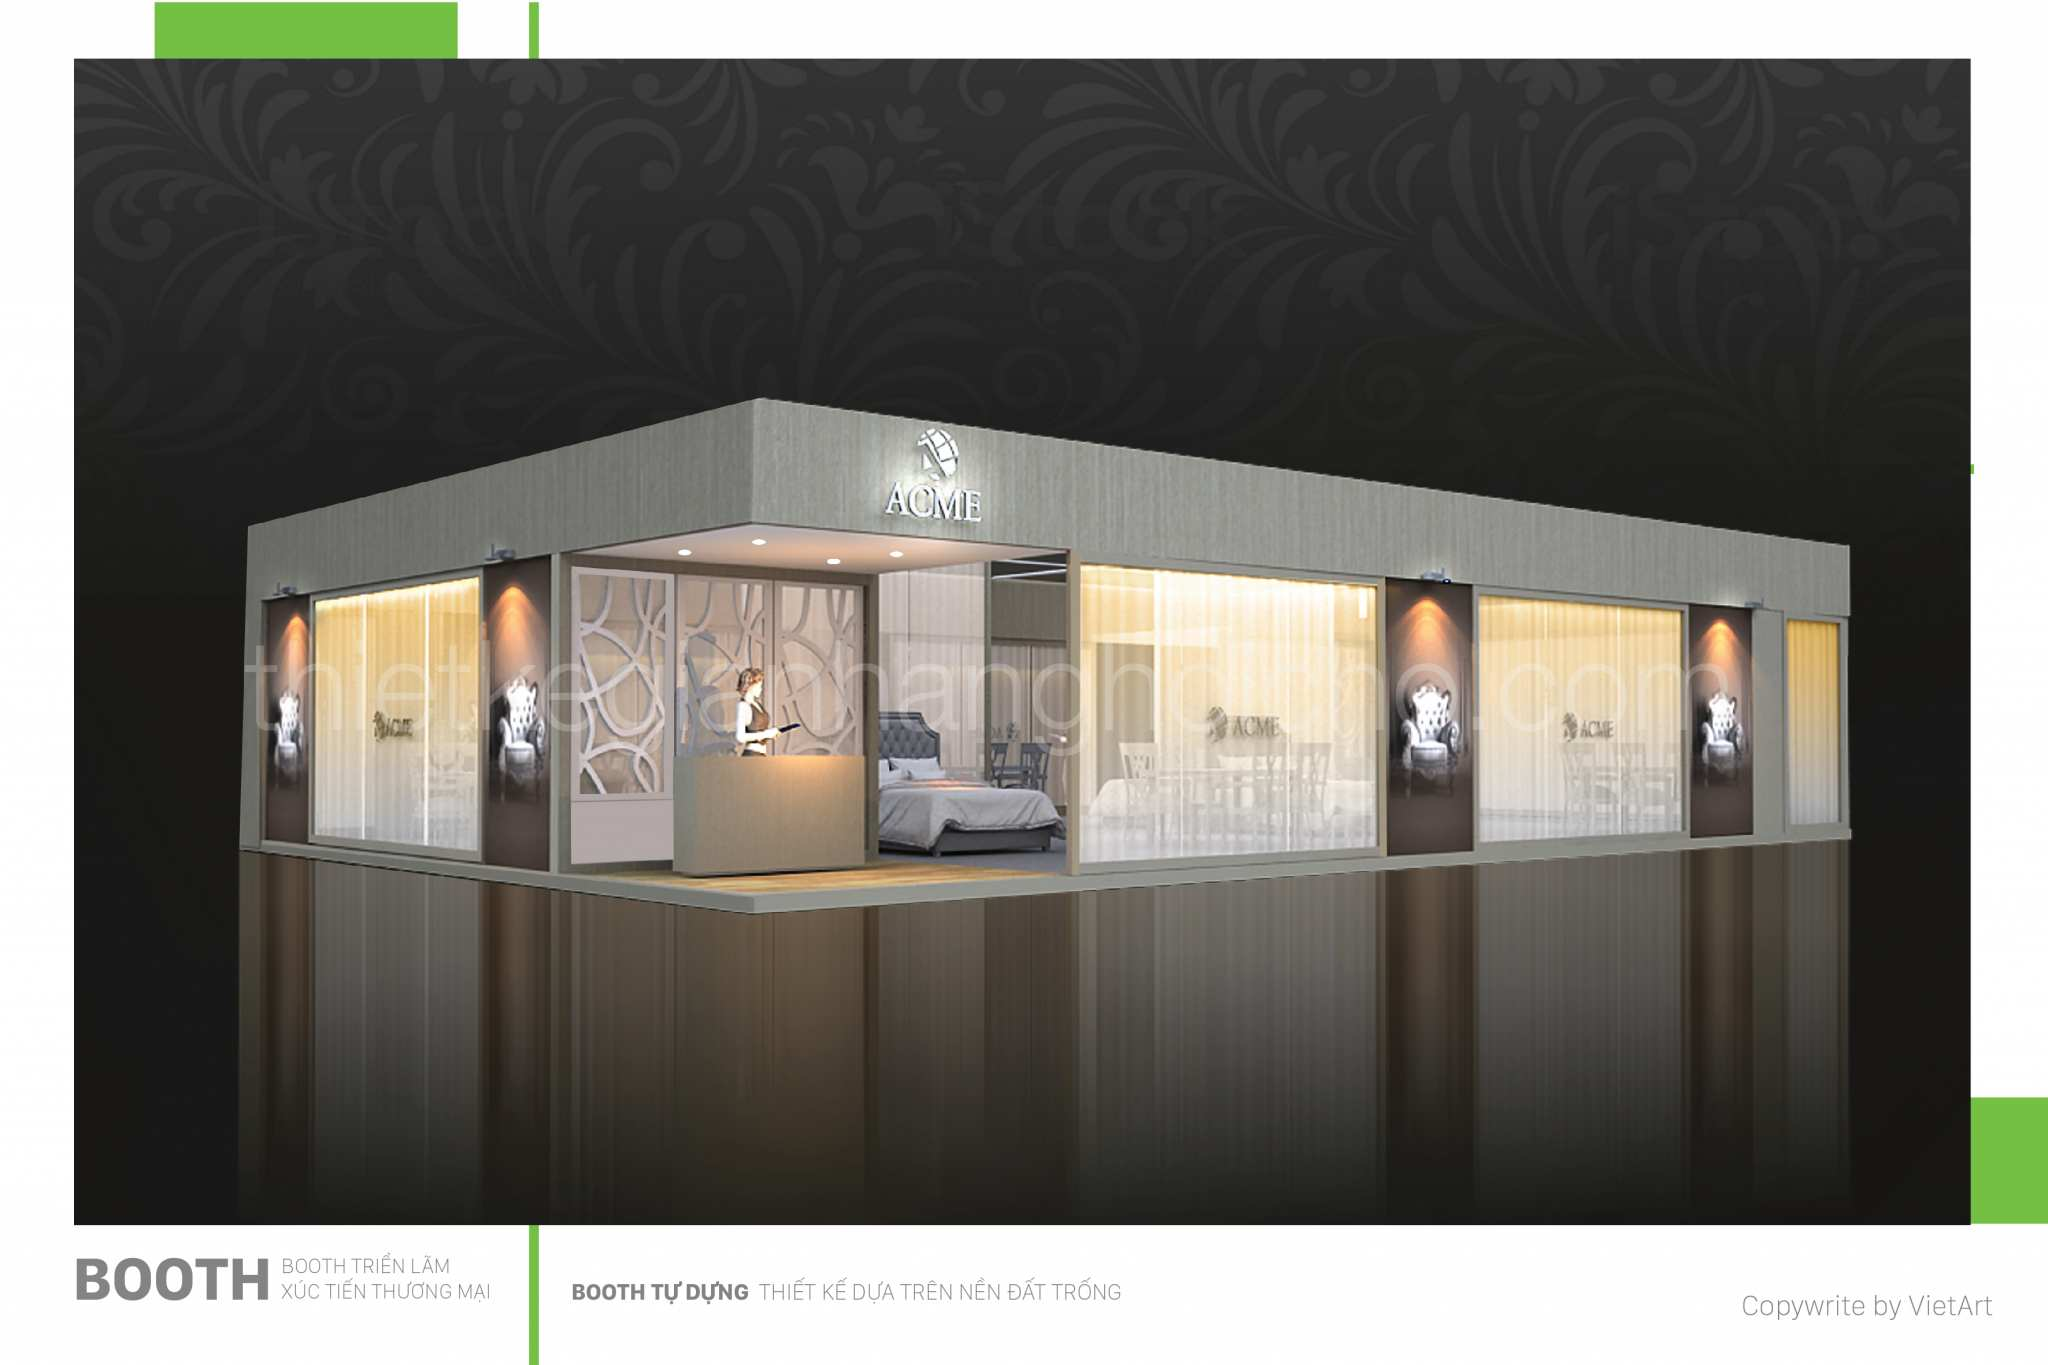 Bạn đang tìm nhà thầu thi công gian hàng triển lãm?